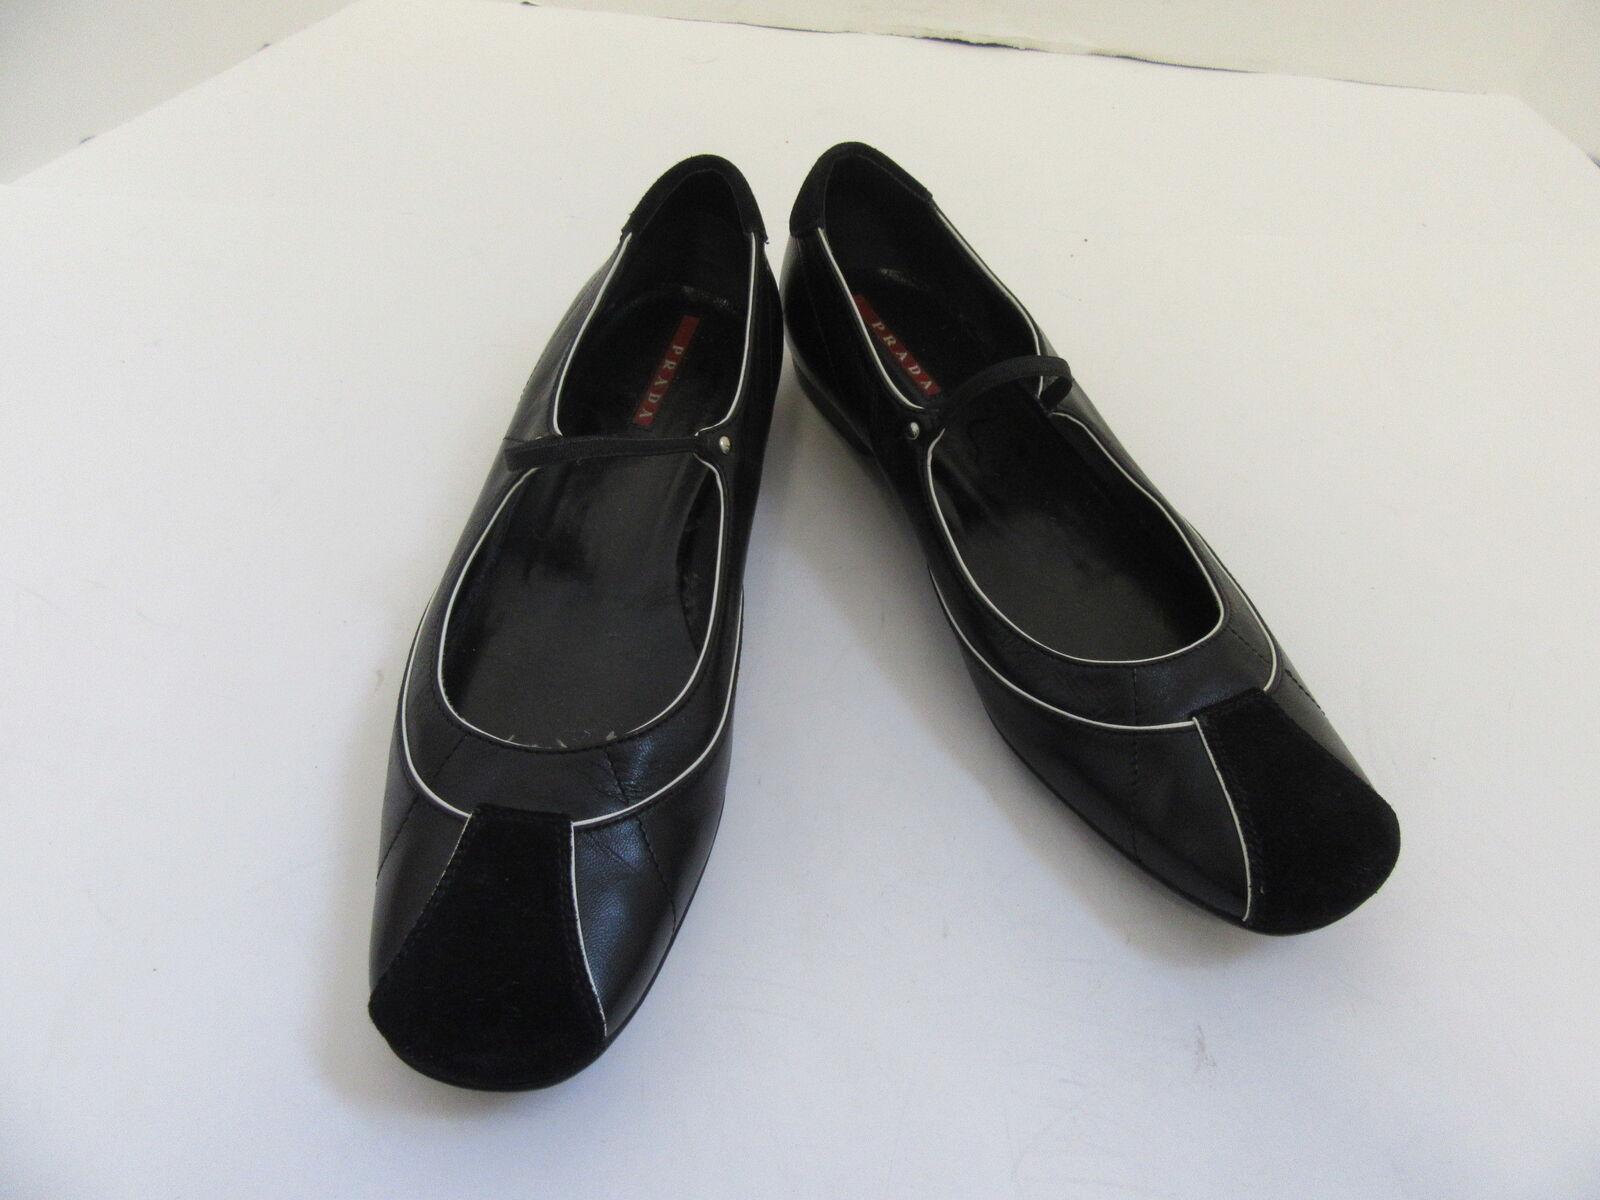 PRADA BLACK LEATHER MARY MARY MARY JANE BALLET FLATS 37 7 e79051